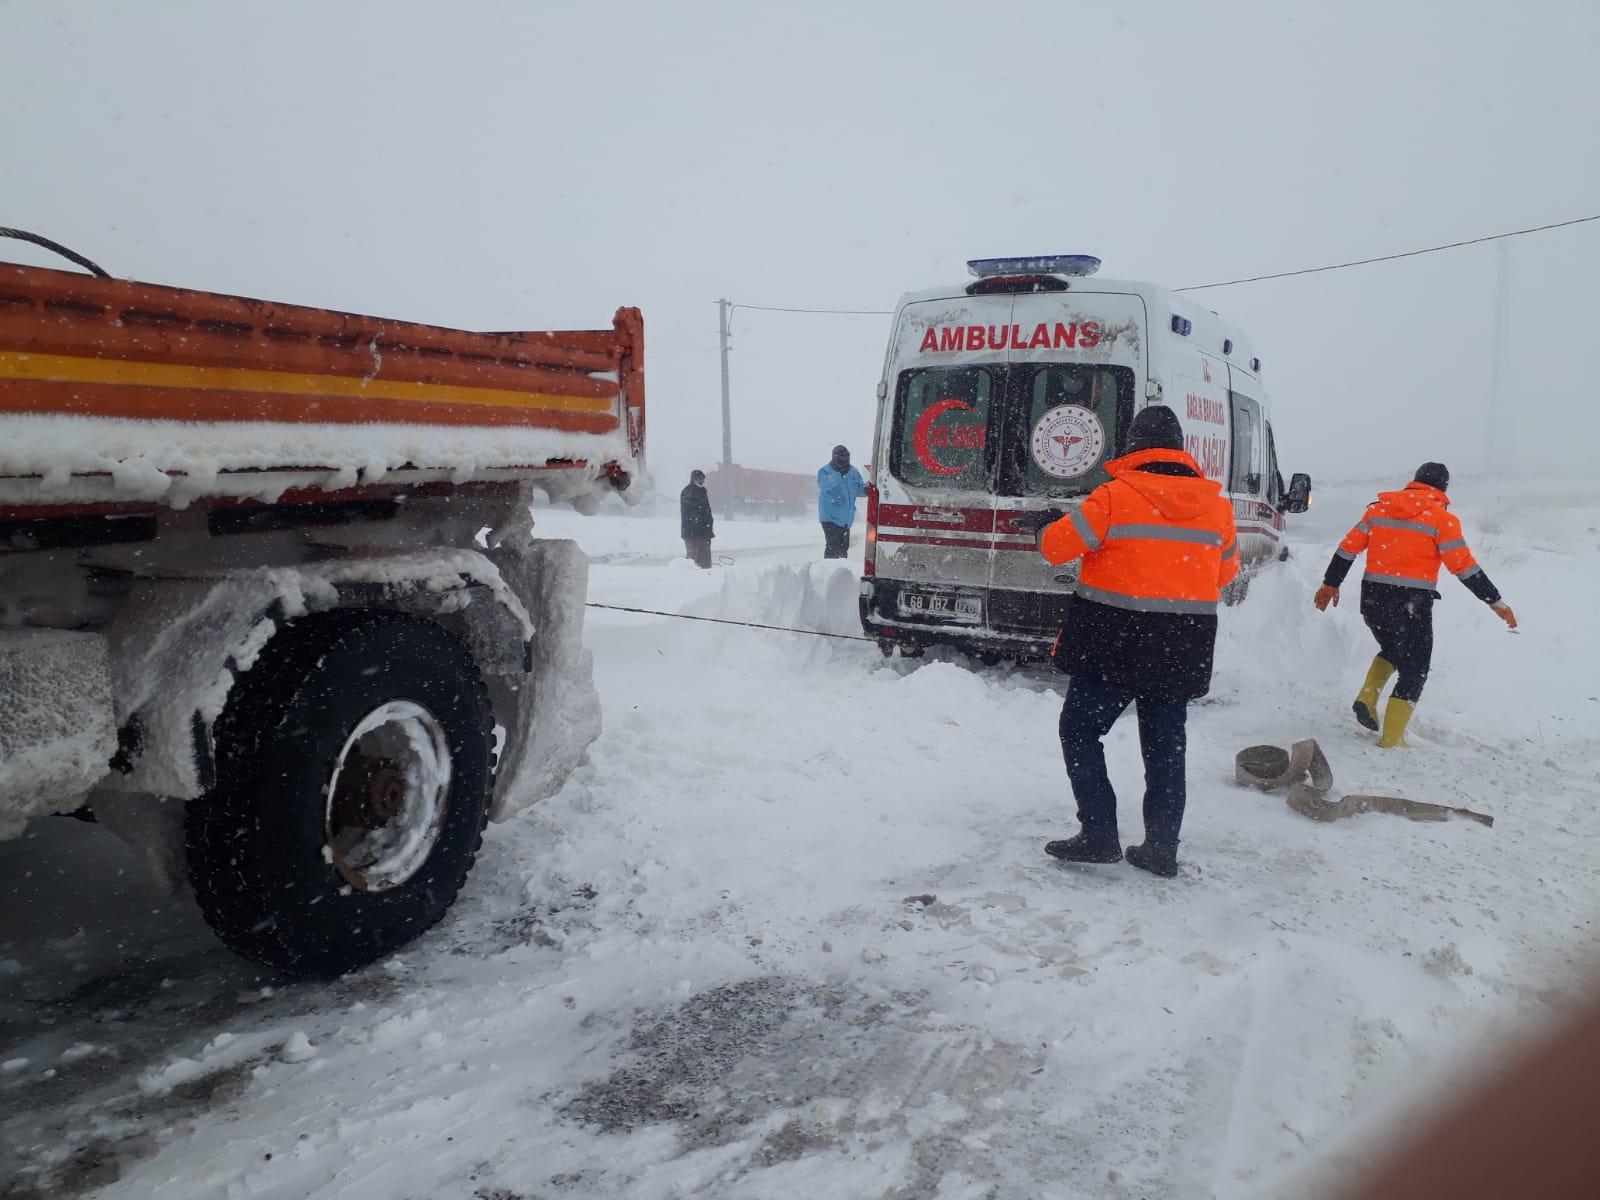 Kara saplanan ambulans ve hasta 1 saatlik çalışma ile kurtarıldı